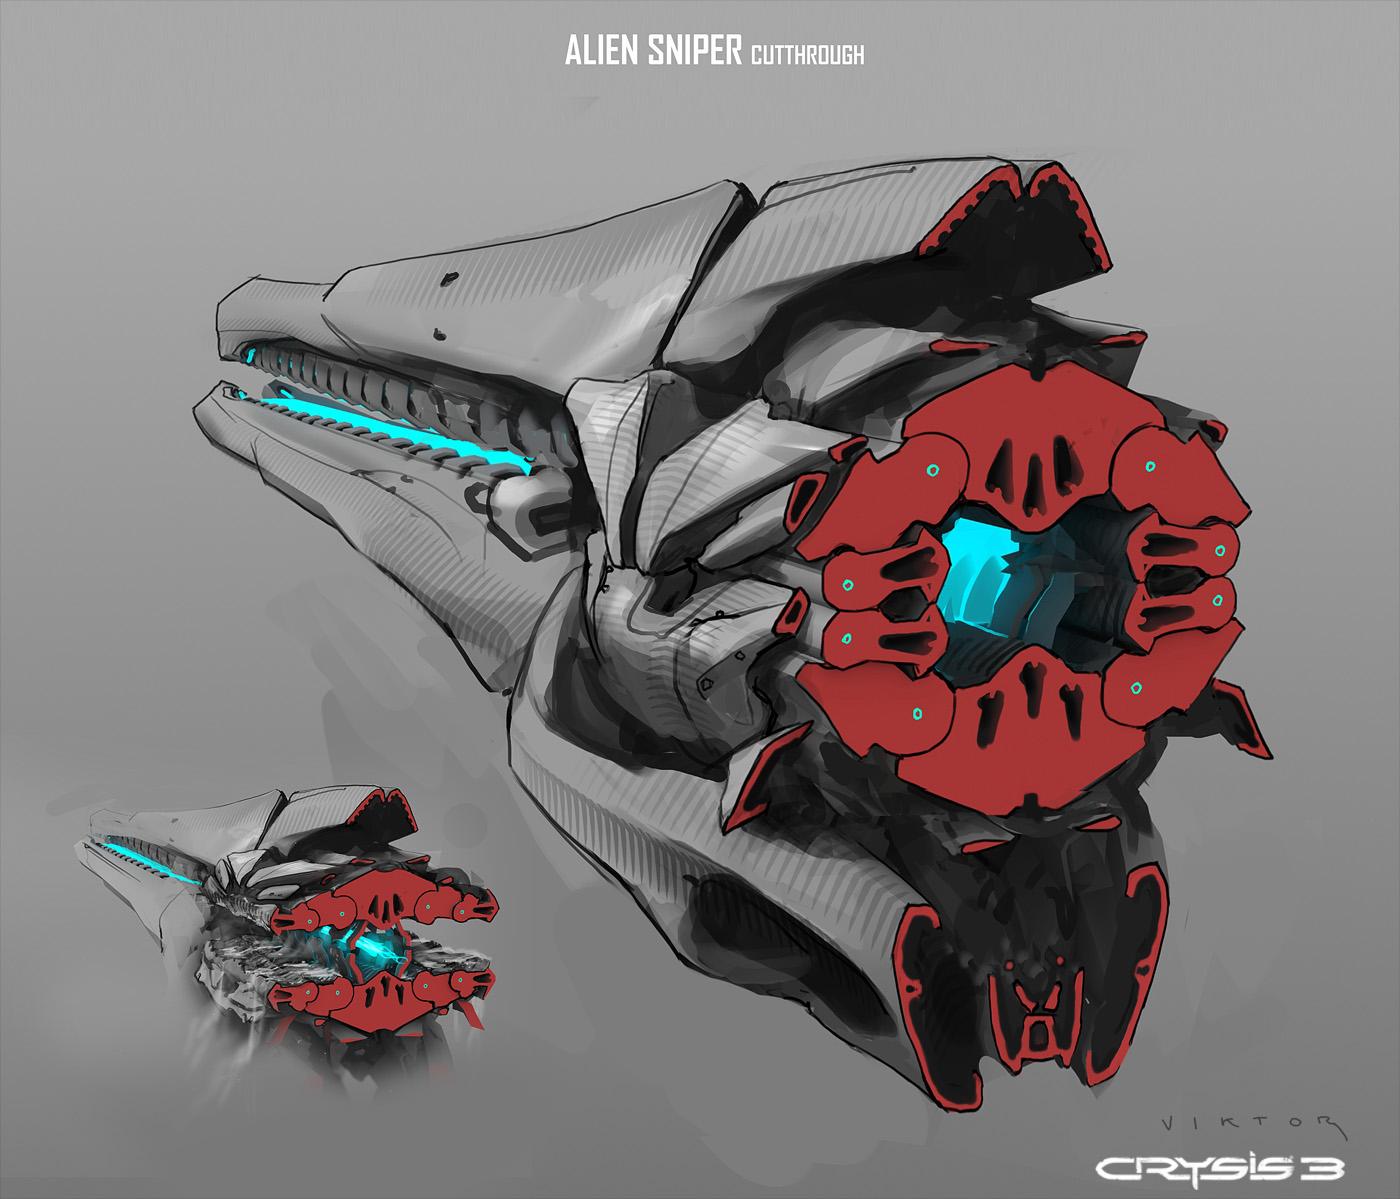 alien_sniper_cuttrhough.jpg